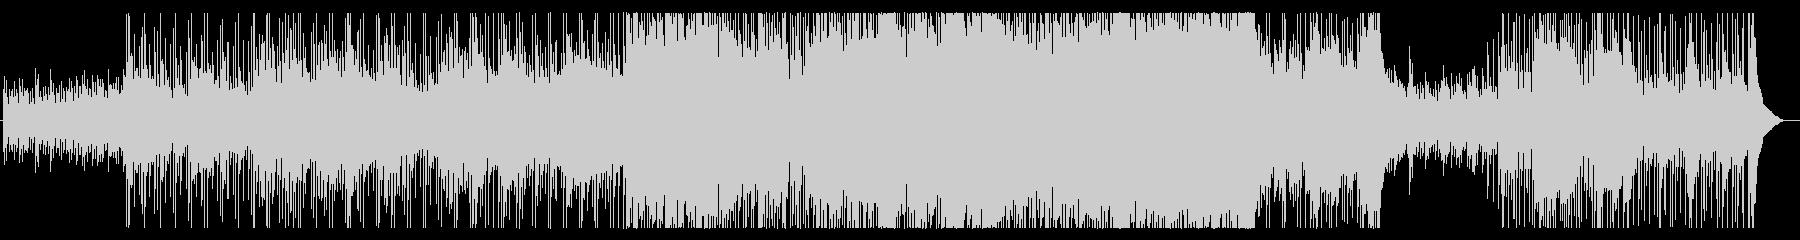 鎮魂曲 物悲しい曲調のロックバラードの未再生の波形